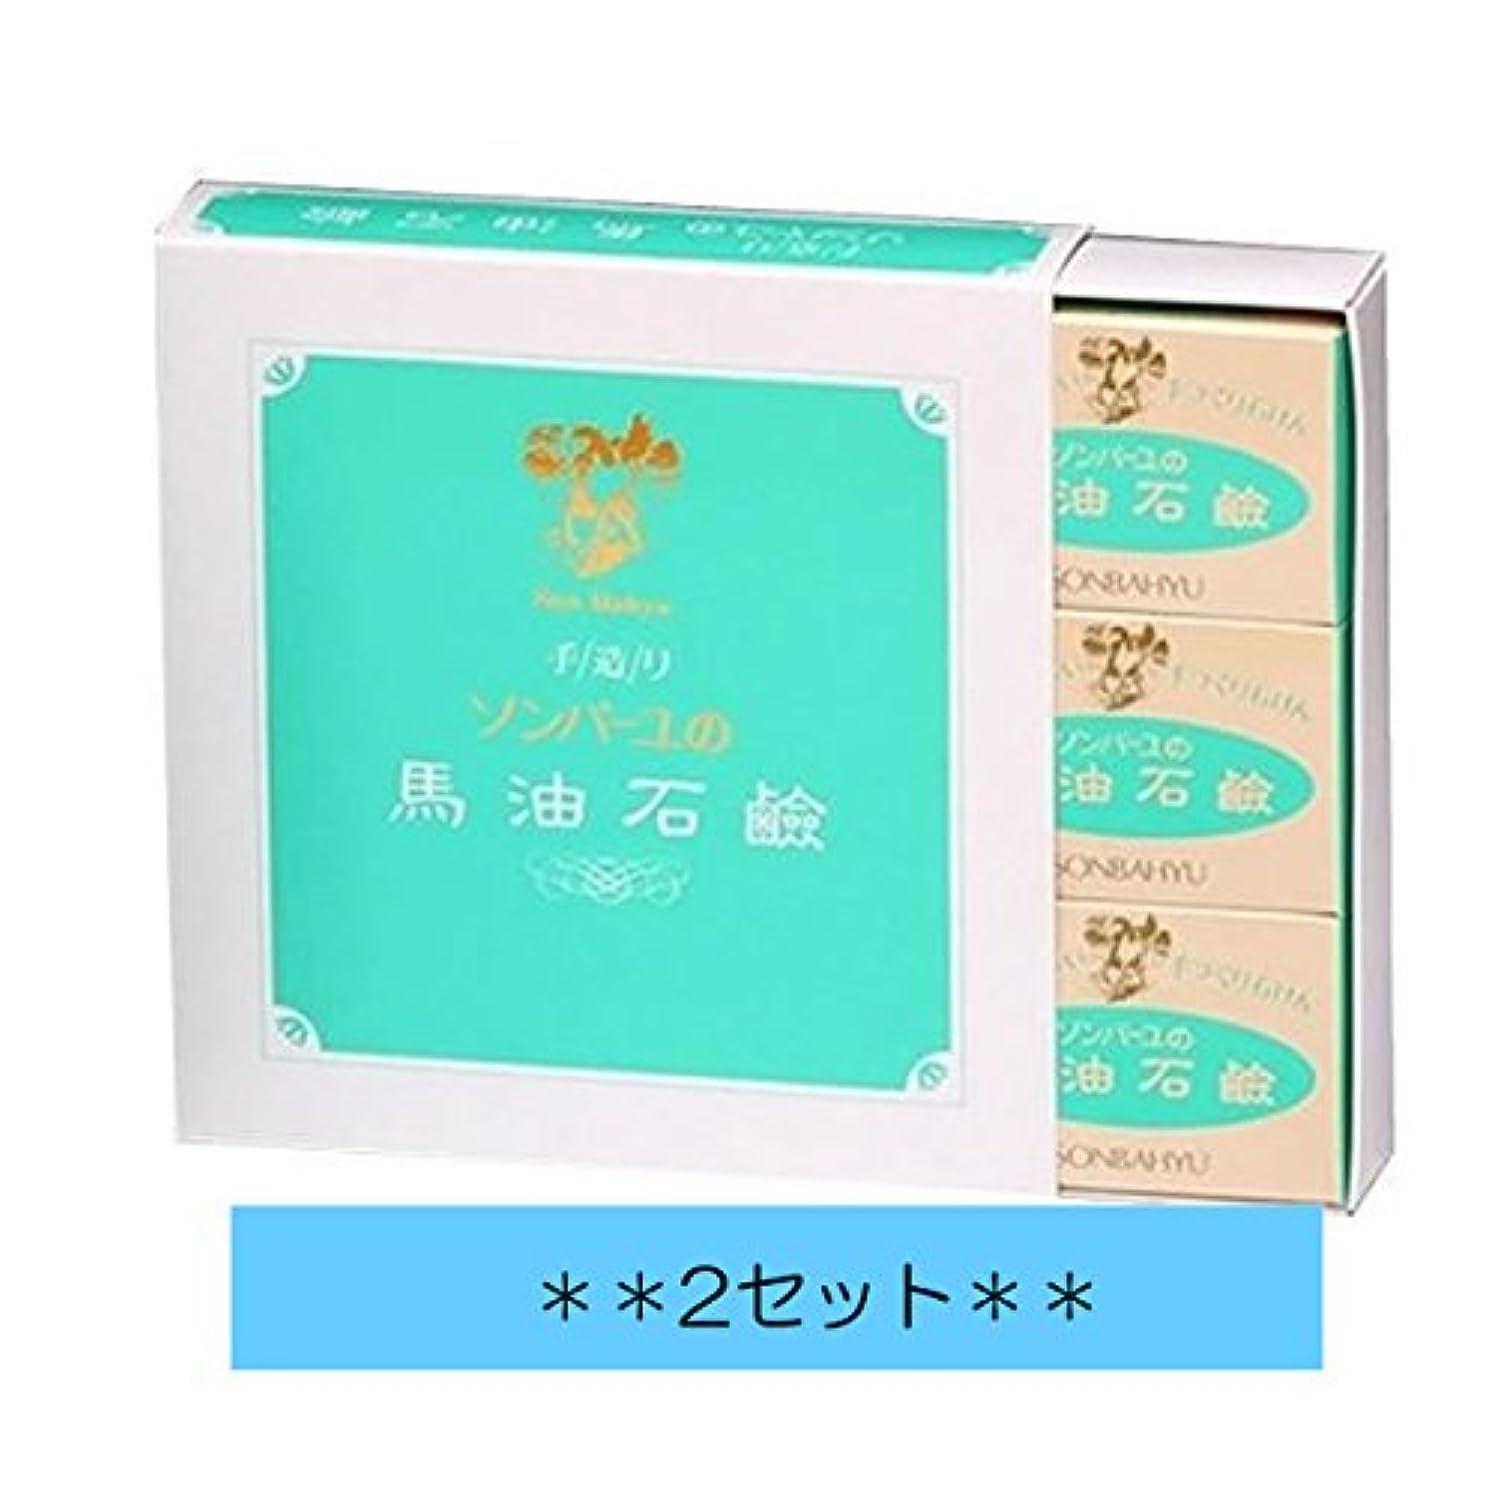 核コントロール暴露【2箱セット】ソンバーユ石鹸 85g×6個